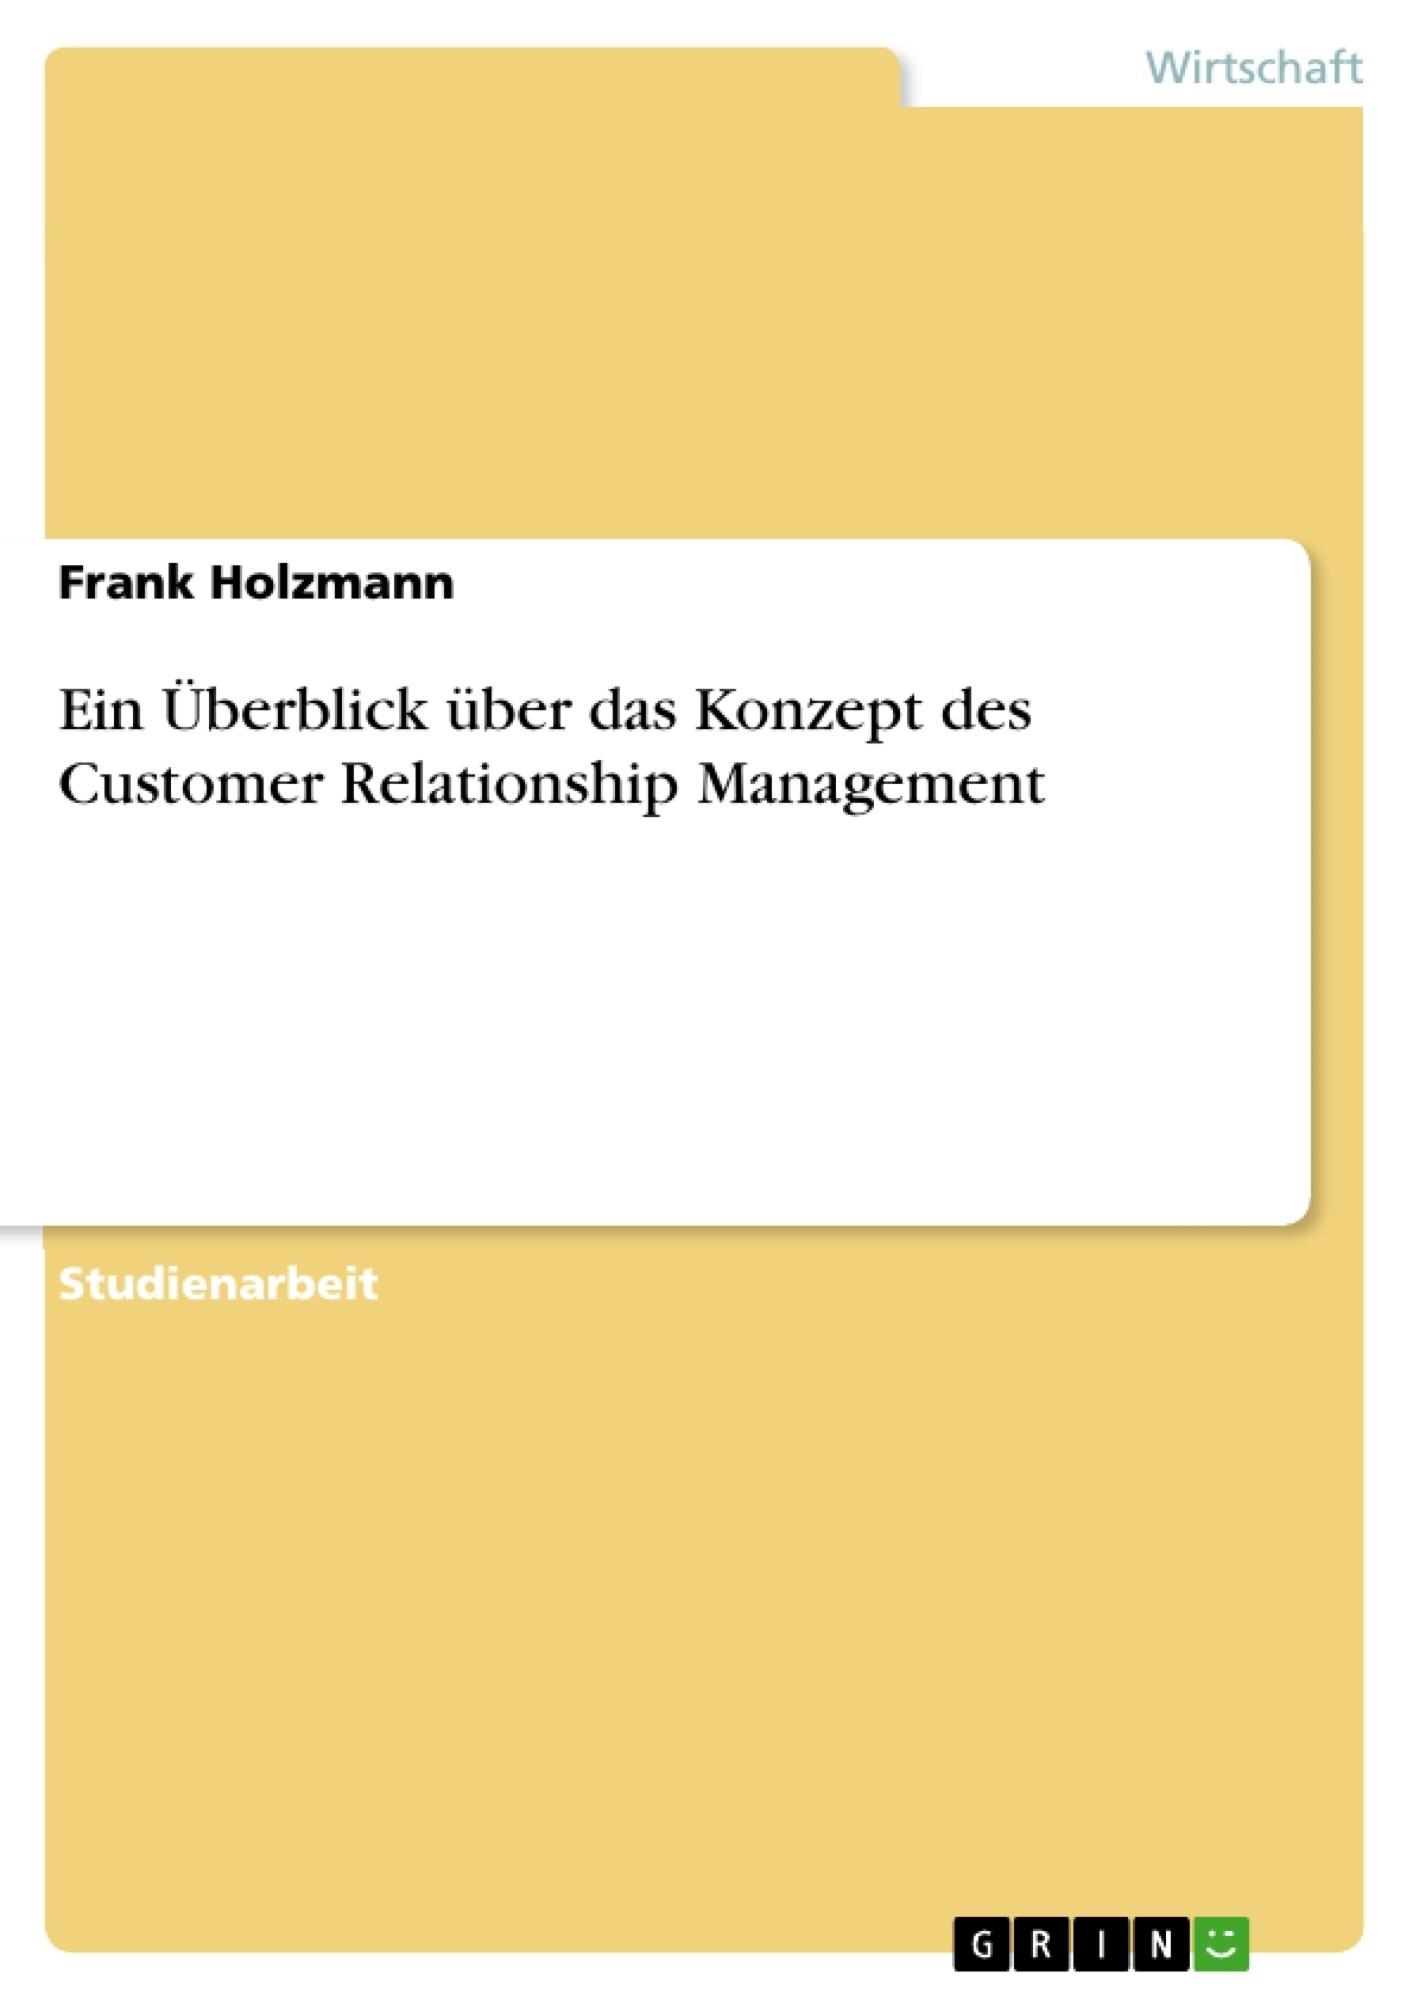 Titel: Ein Überblick über das Konzept des Customer Relationship Management